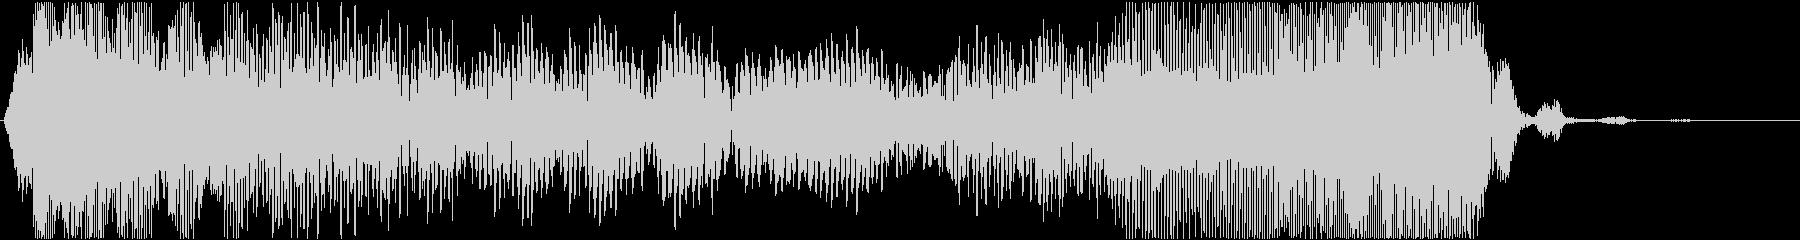 効果音。チューウイ音(ゲーム音)の未再生の波形